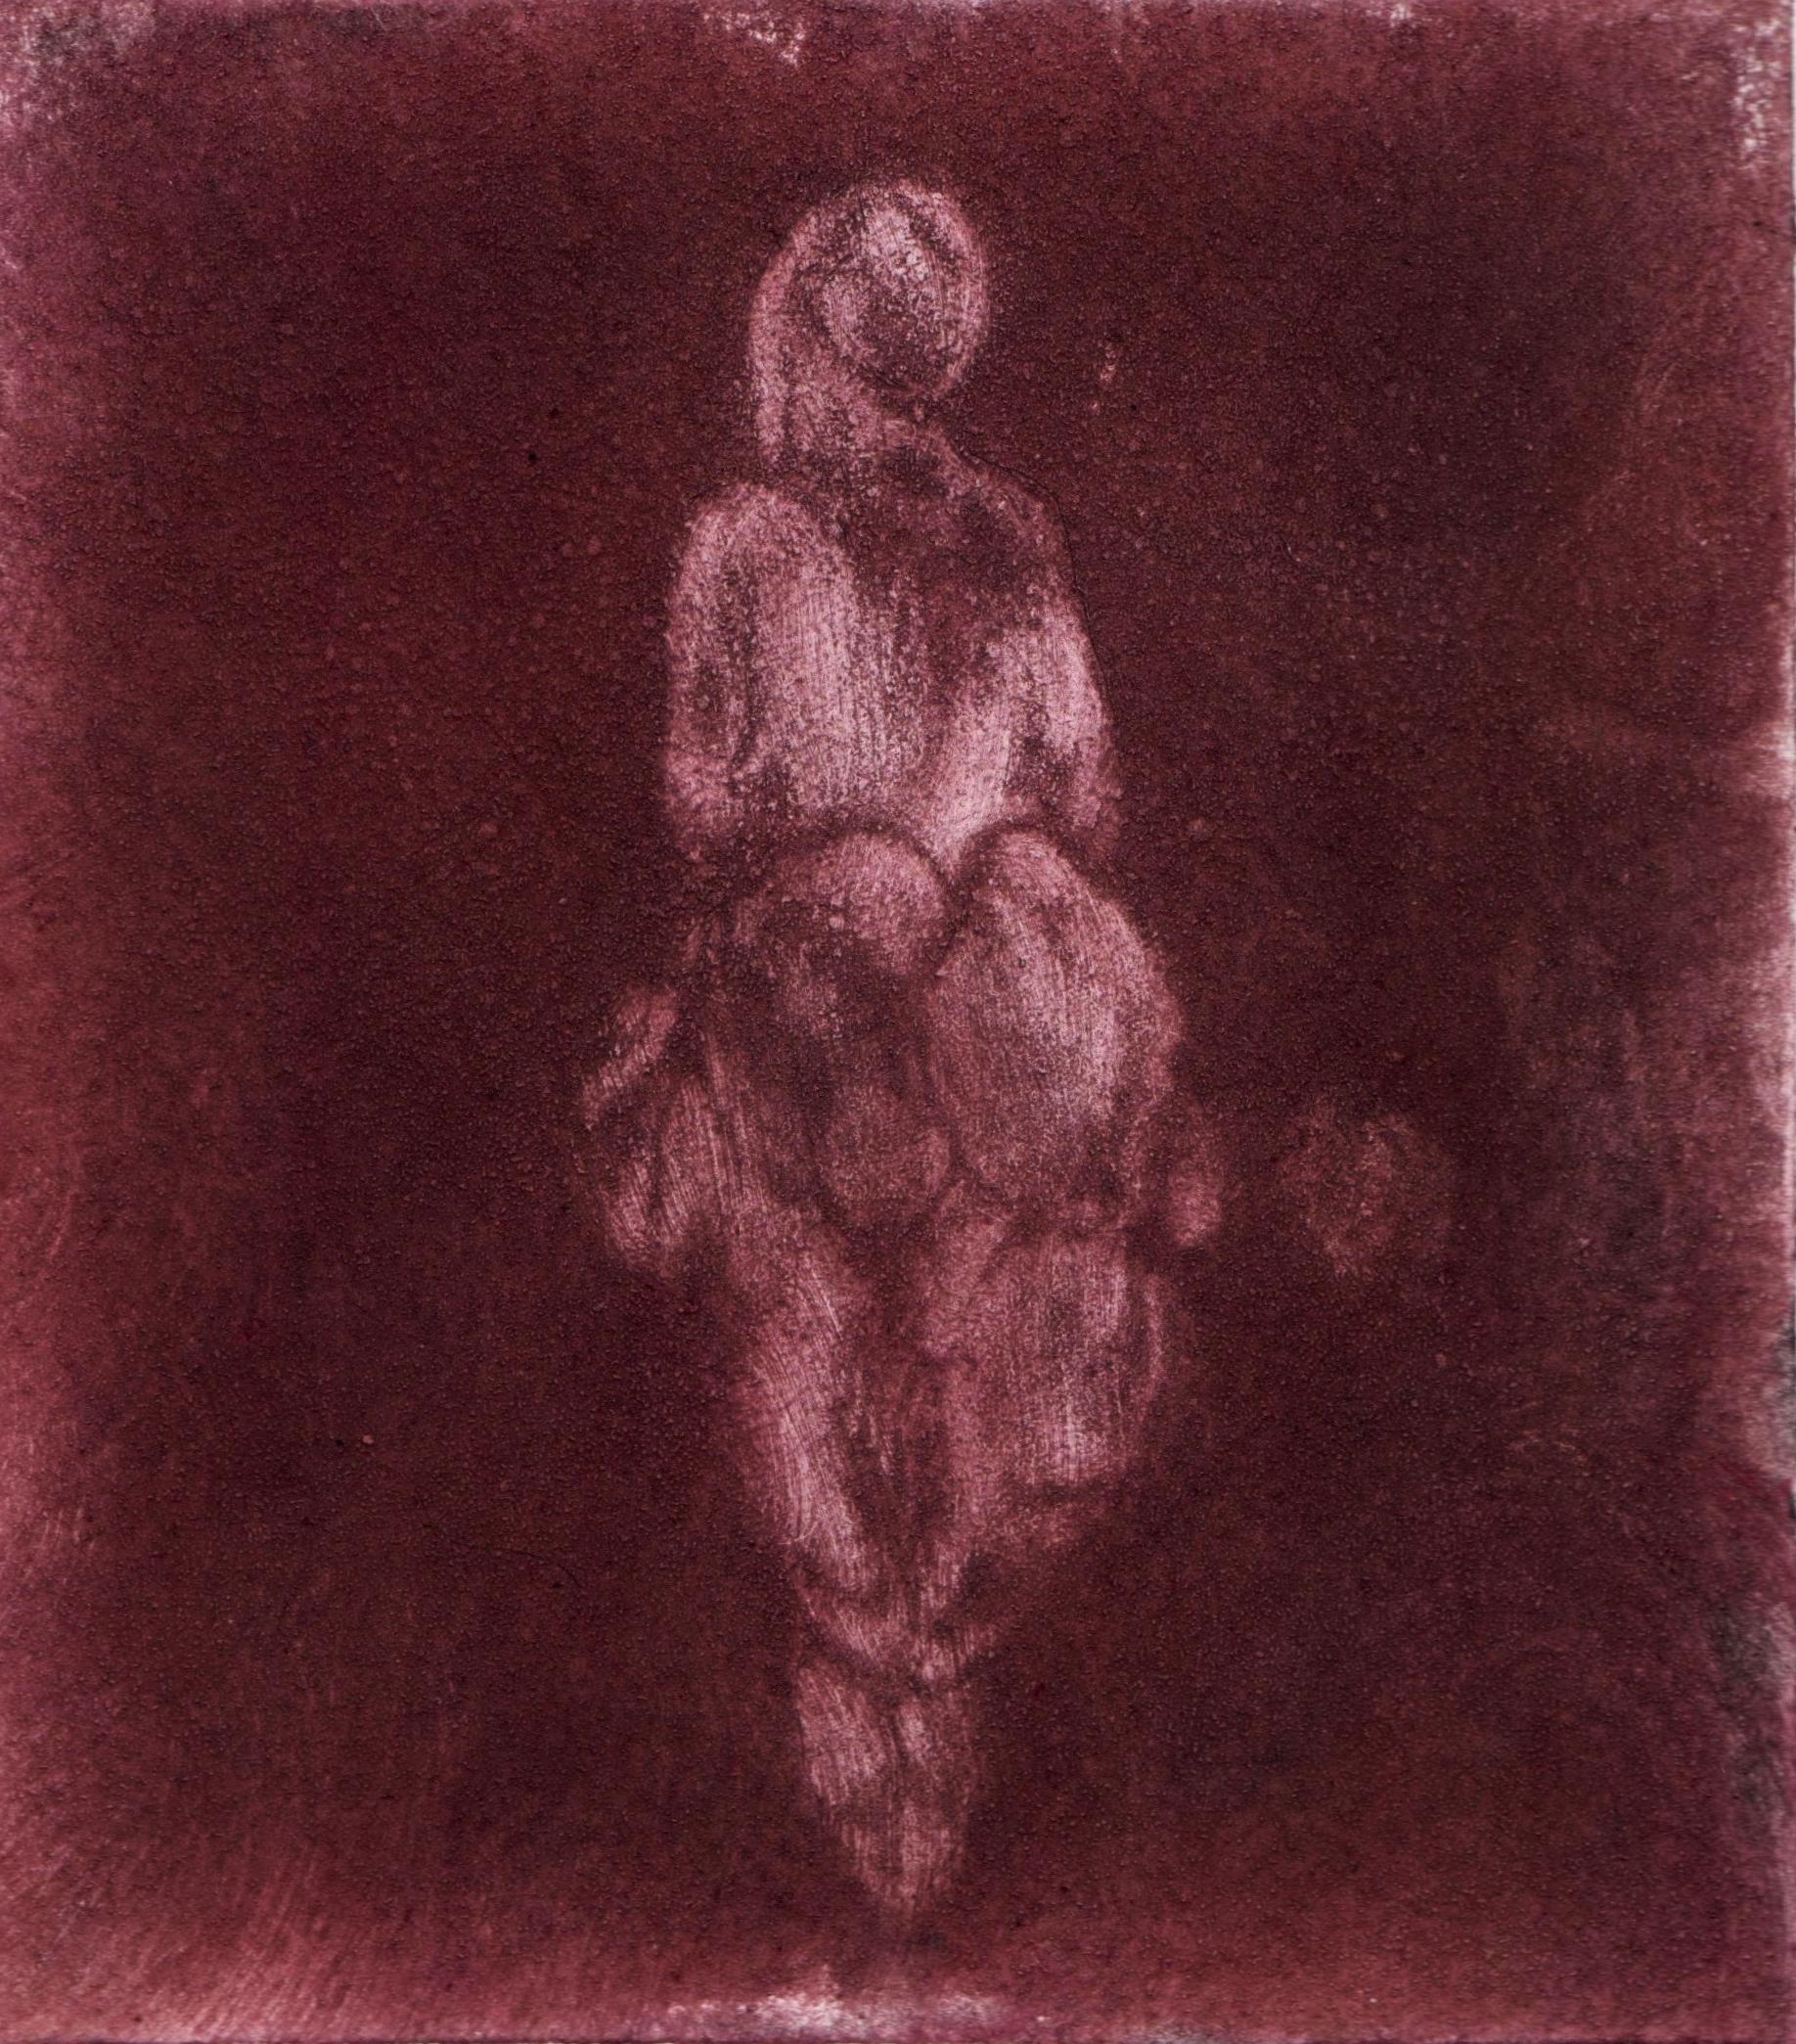 %22Palaeolithic Venus%22._ 20x15cm_Etchingjpg.jpg